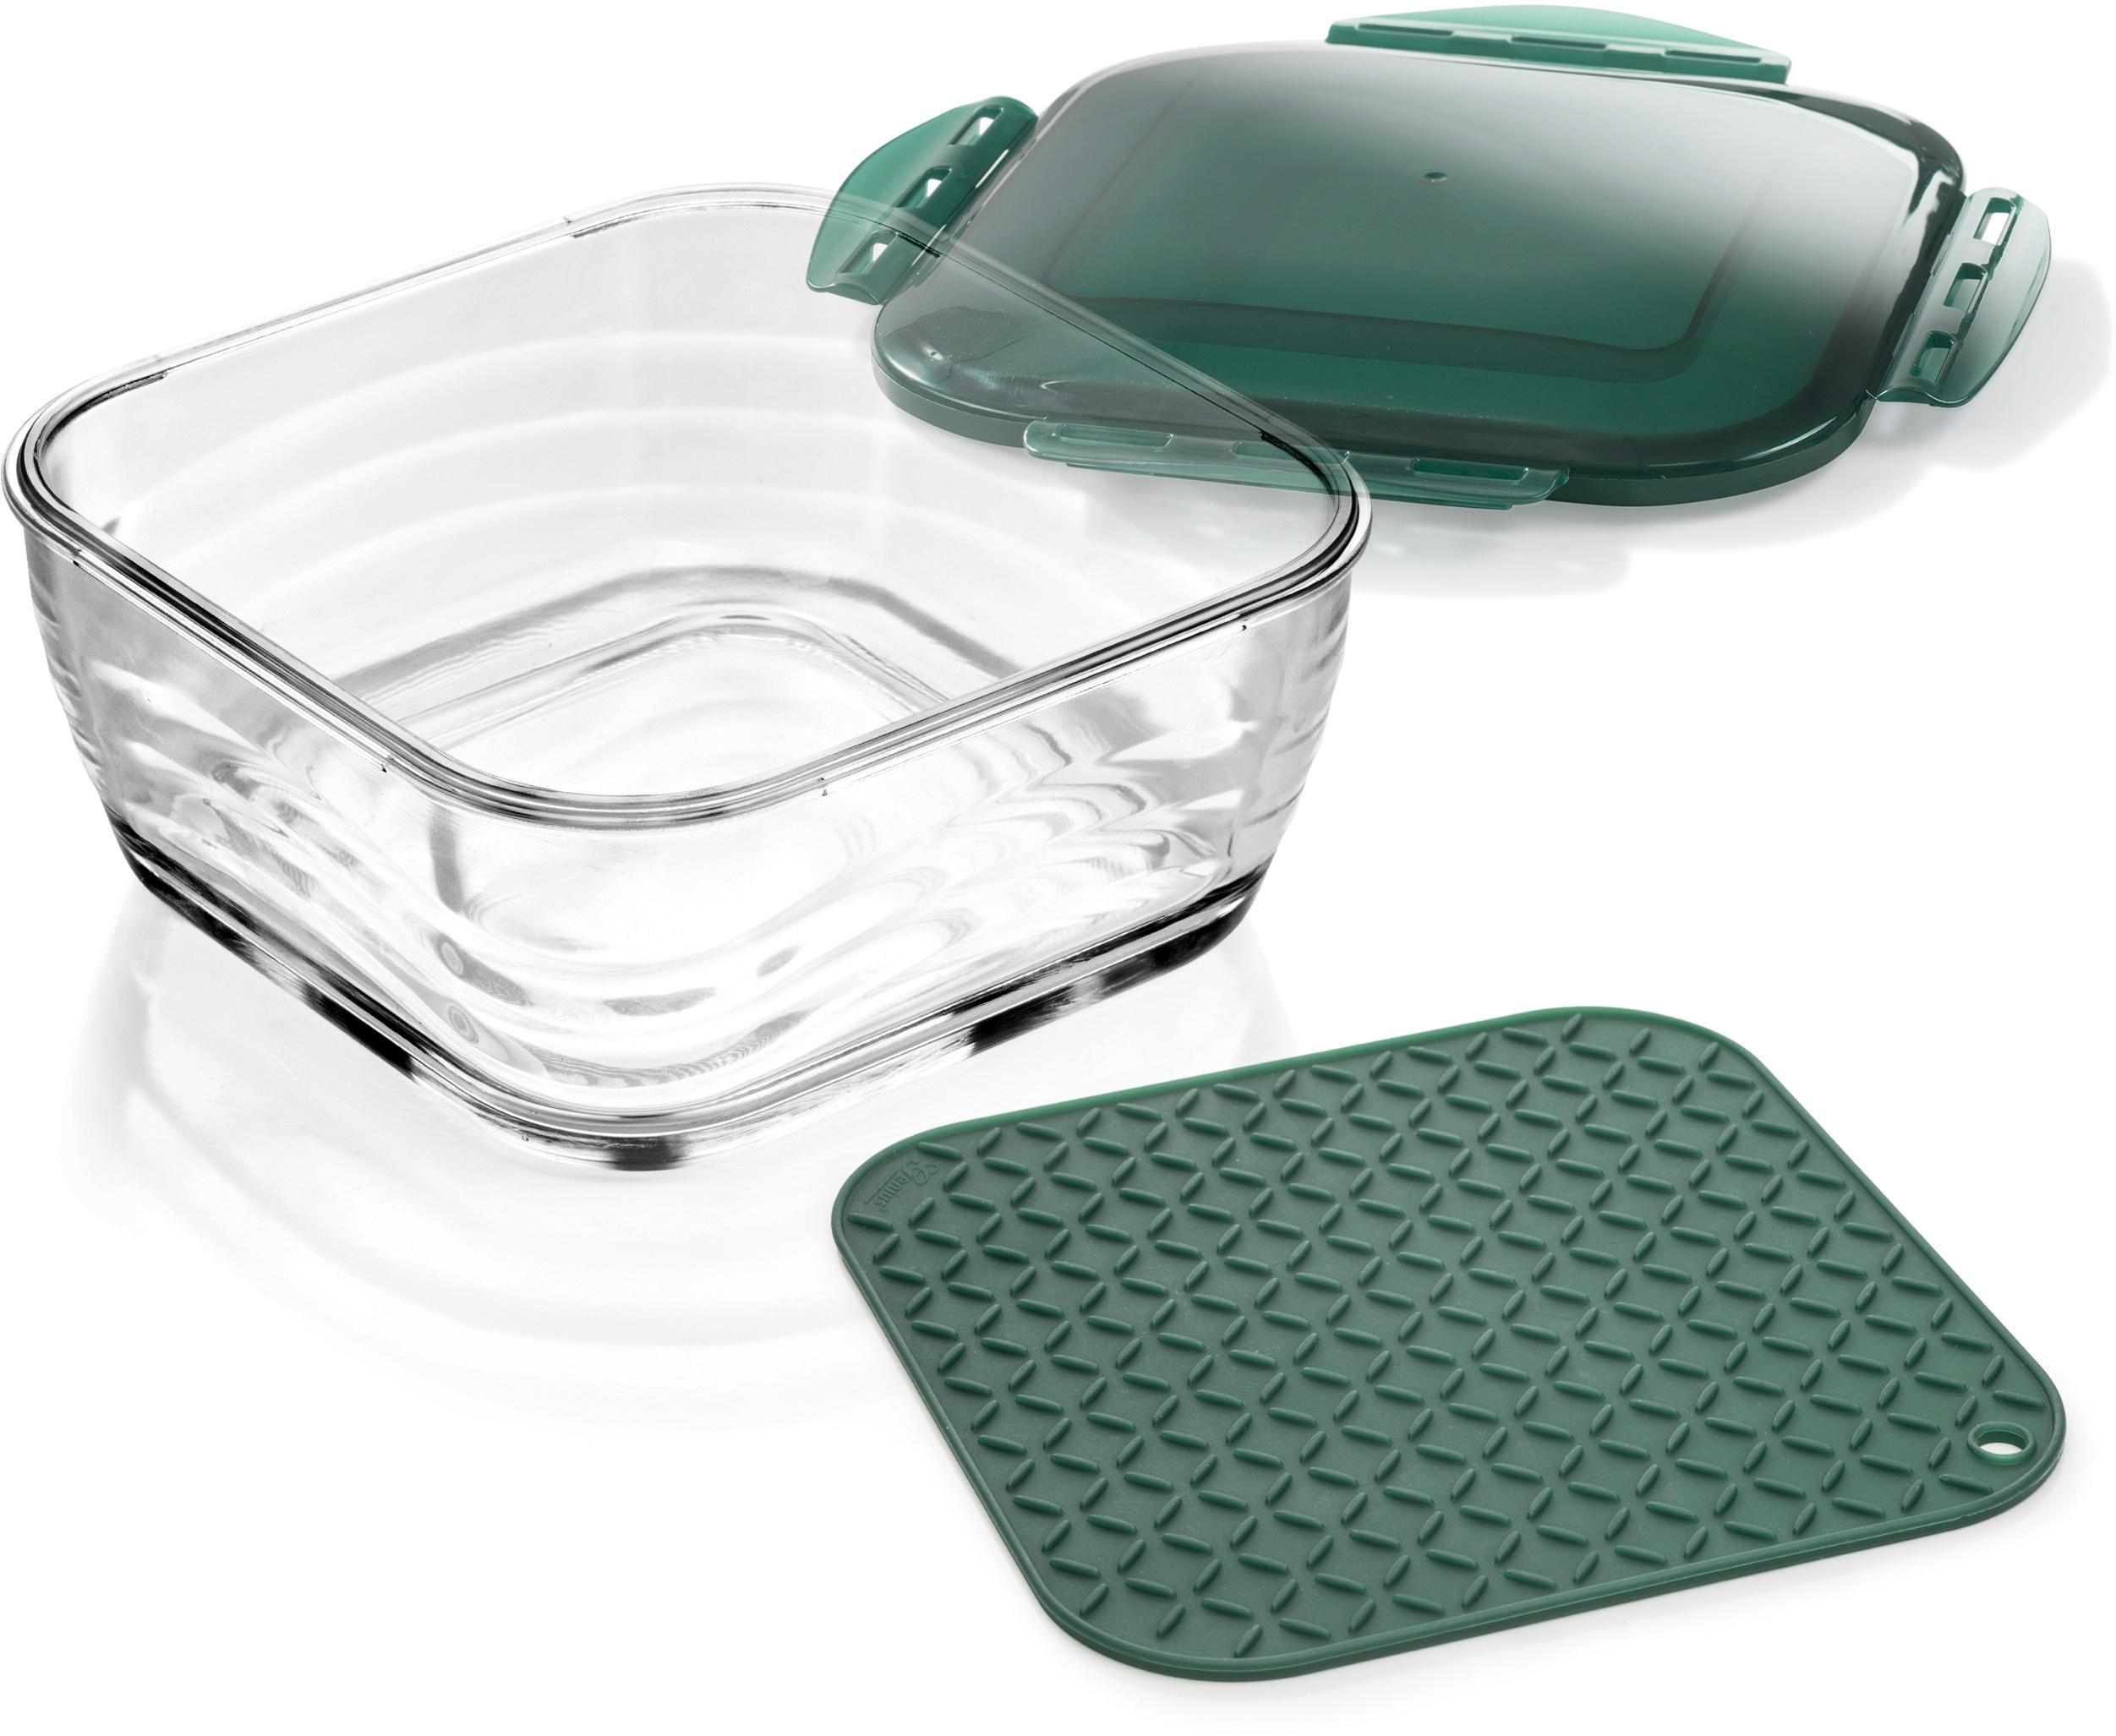 Genius Aufbewahrungsbox, (Set, 3 tlg.) farblos Aufbewahrung Küchenhelfer Haushaltswaren Aufbewahrungsbox